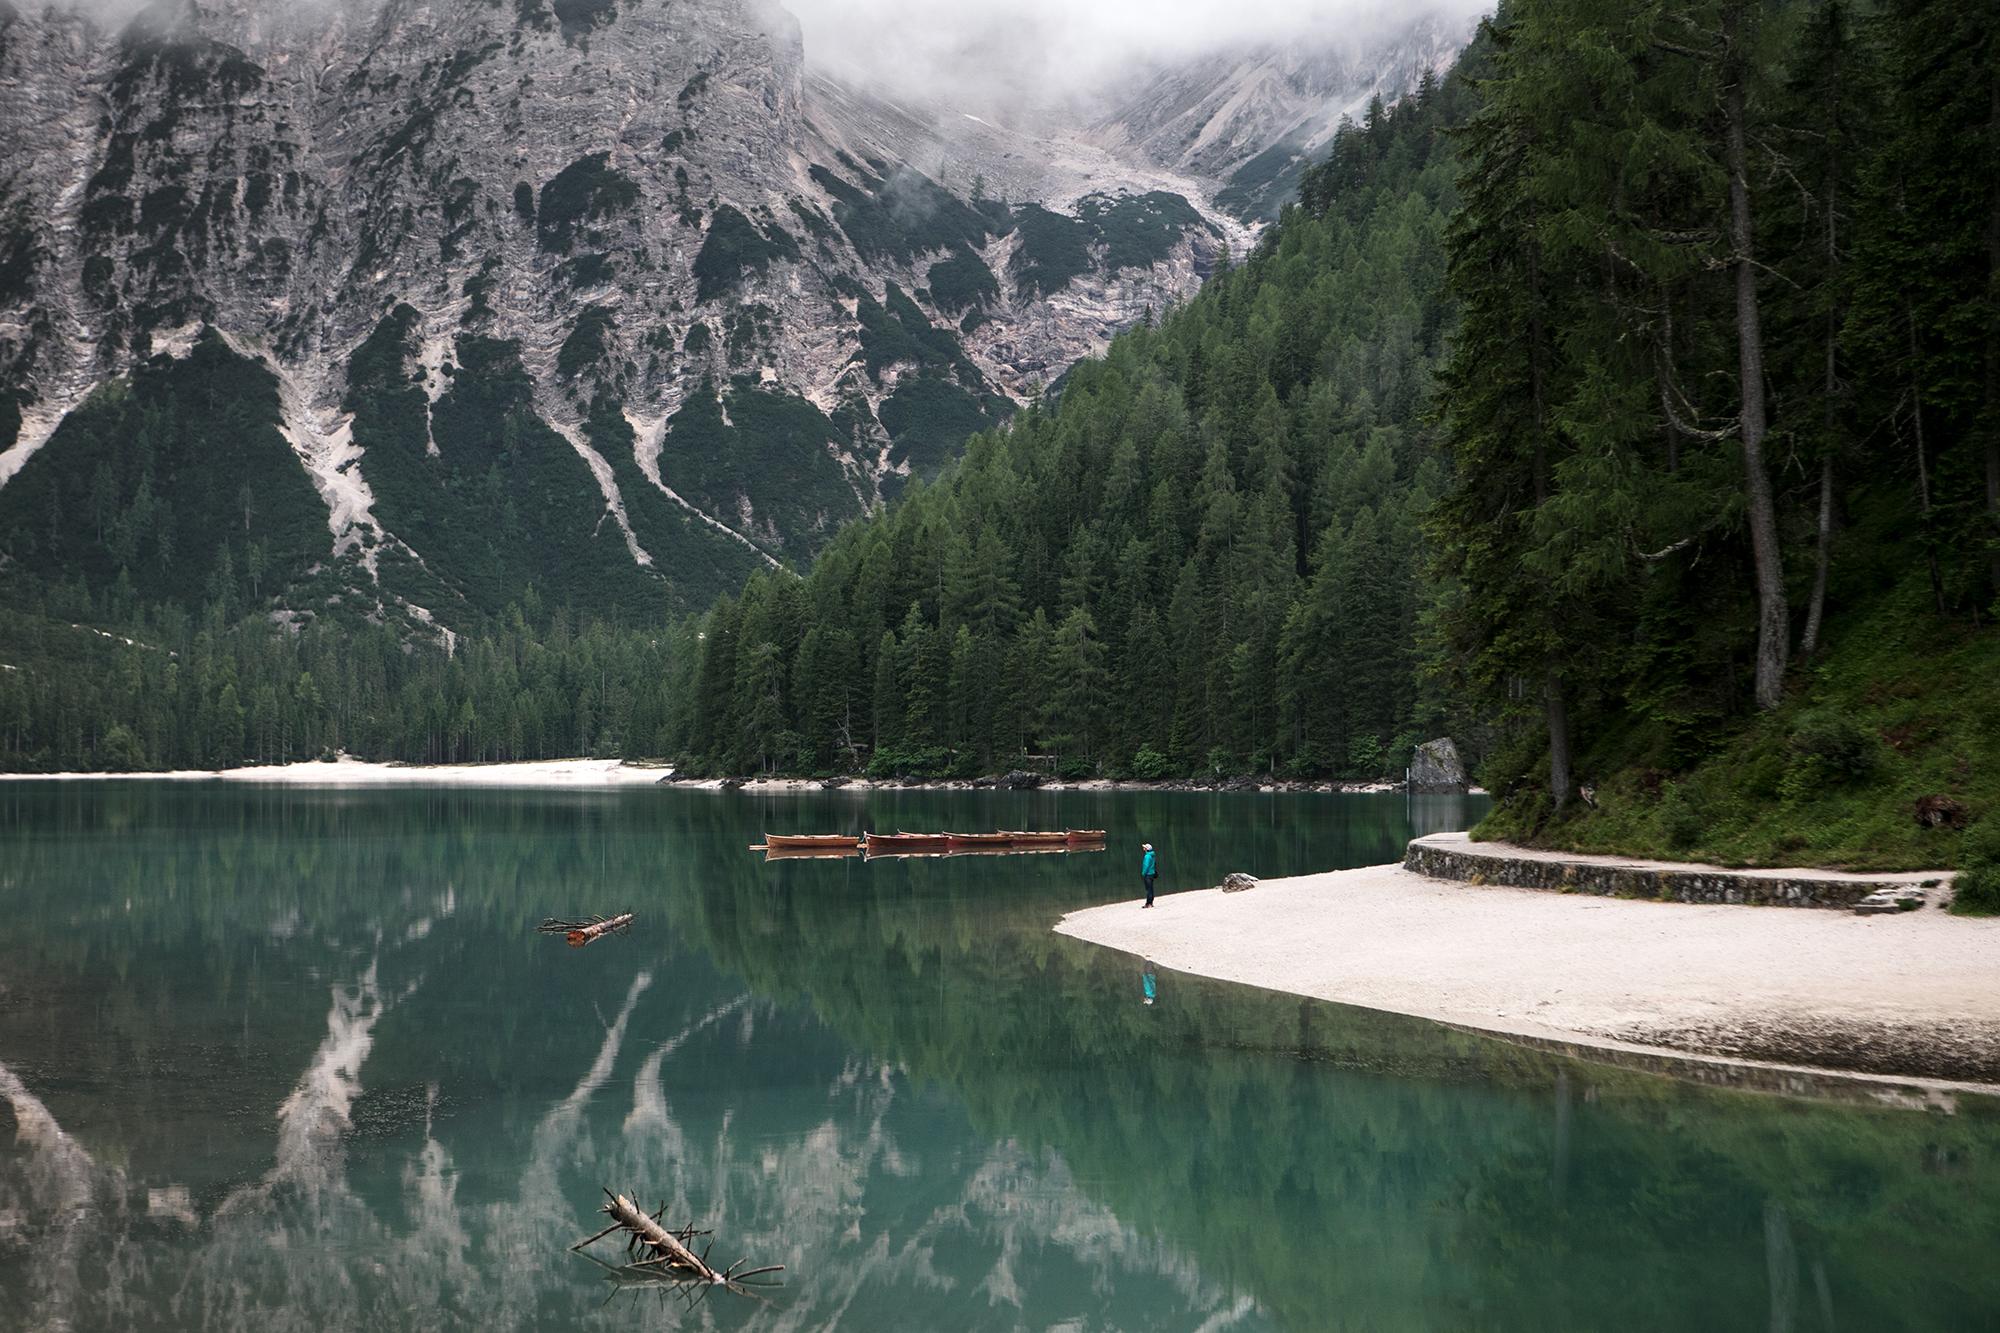 randonnee lago di braies